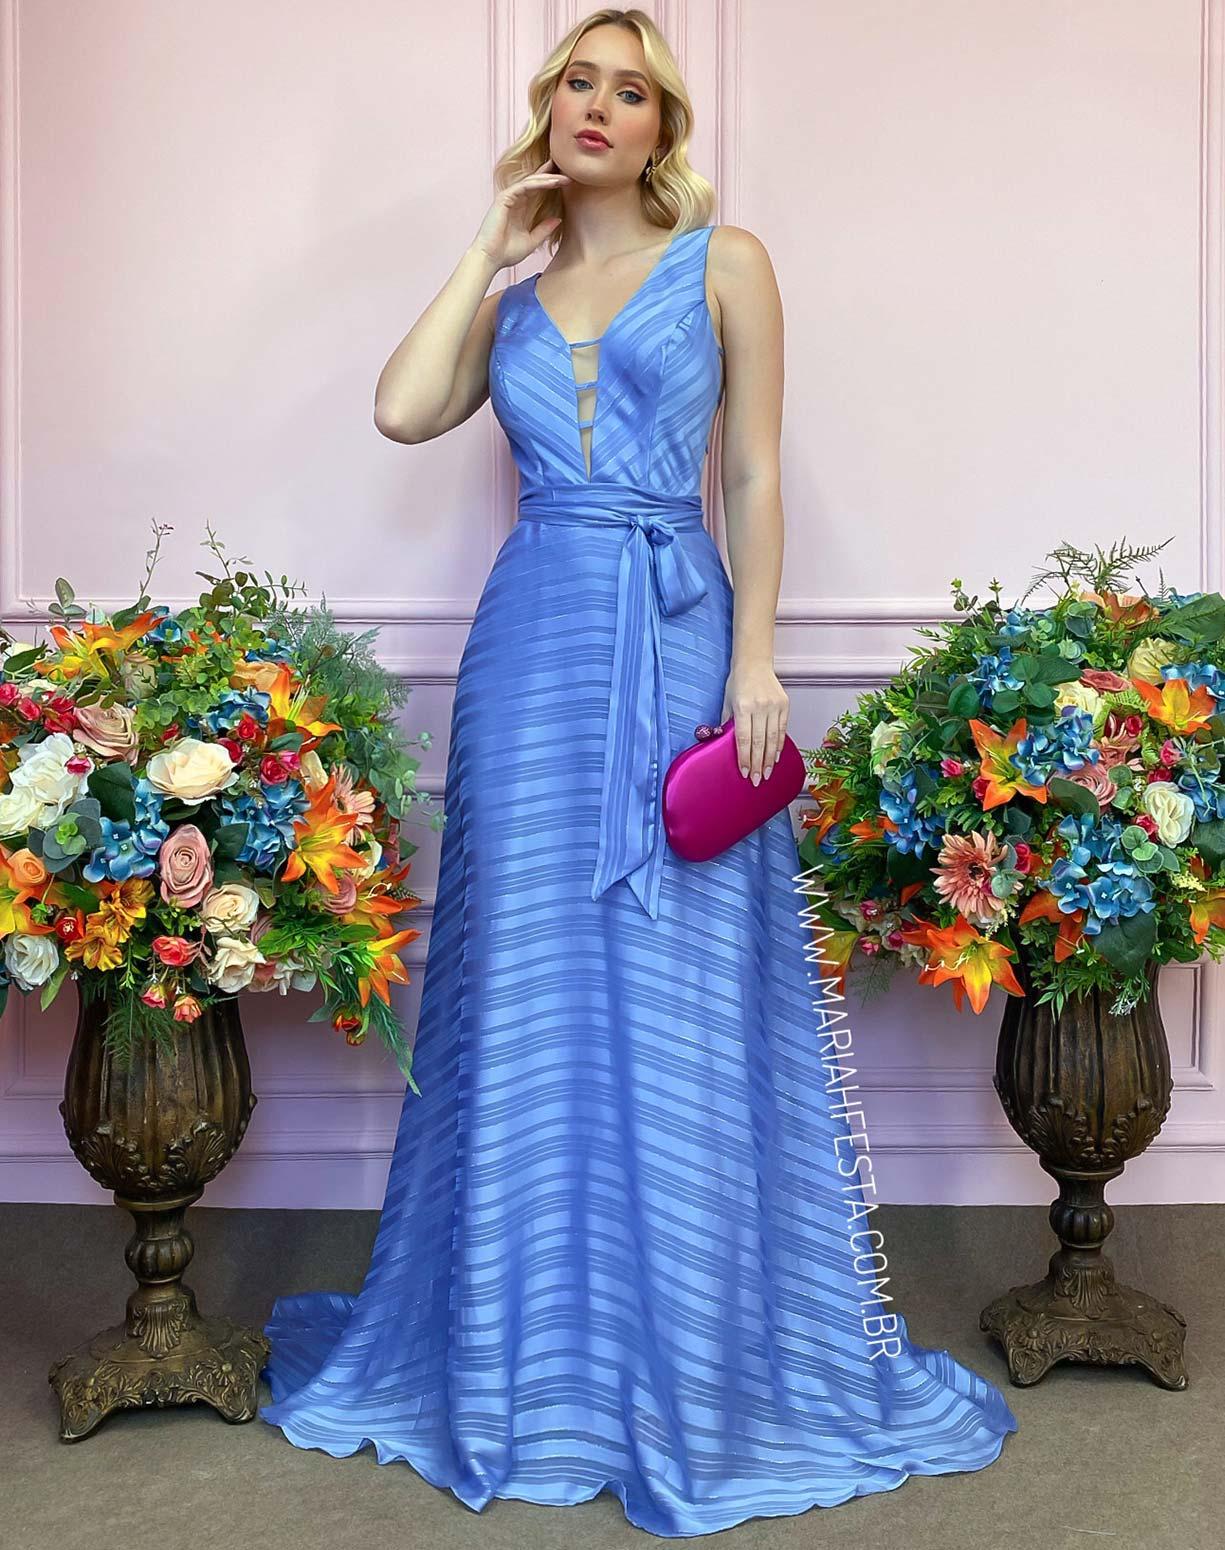 Vestido Azul Serenity com Listras e fios de Lurex